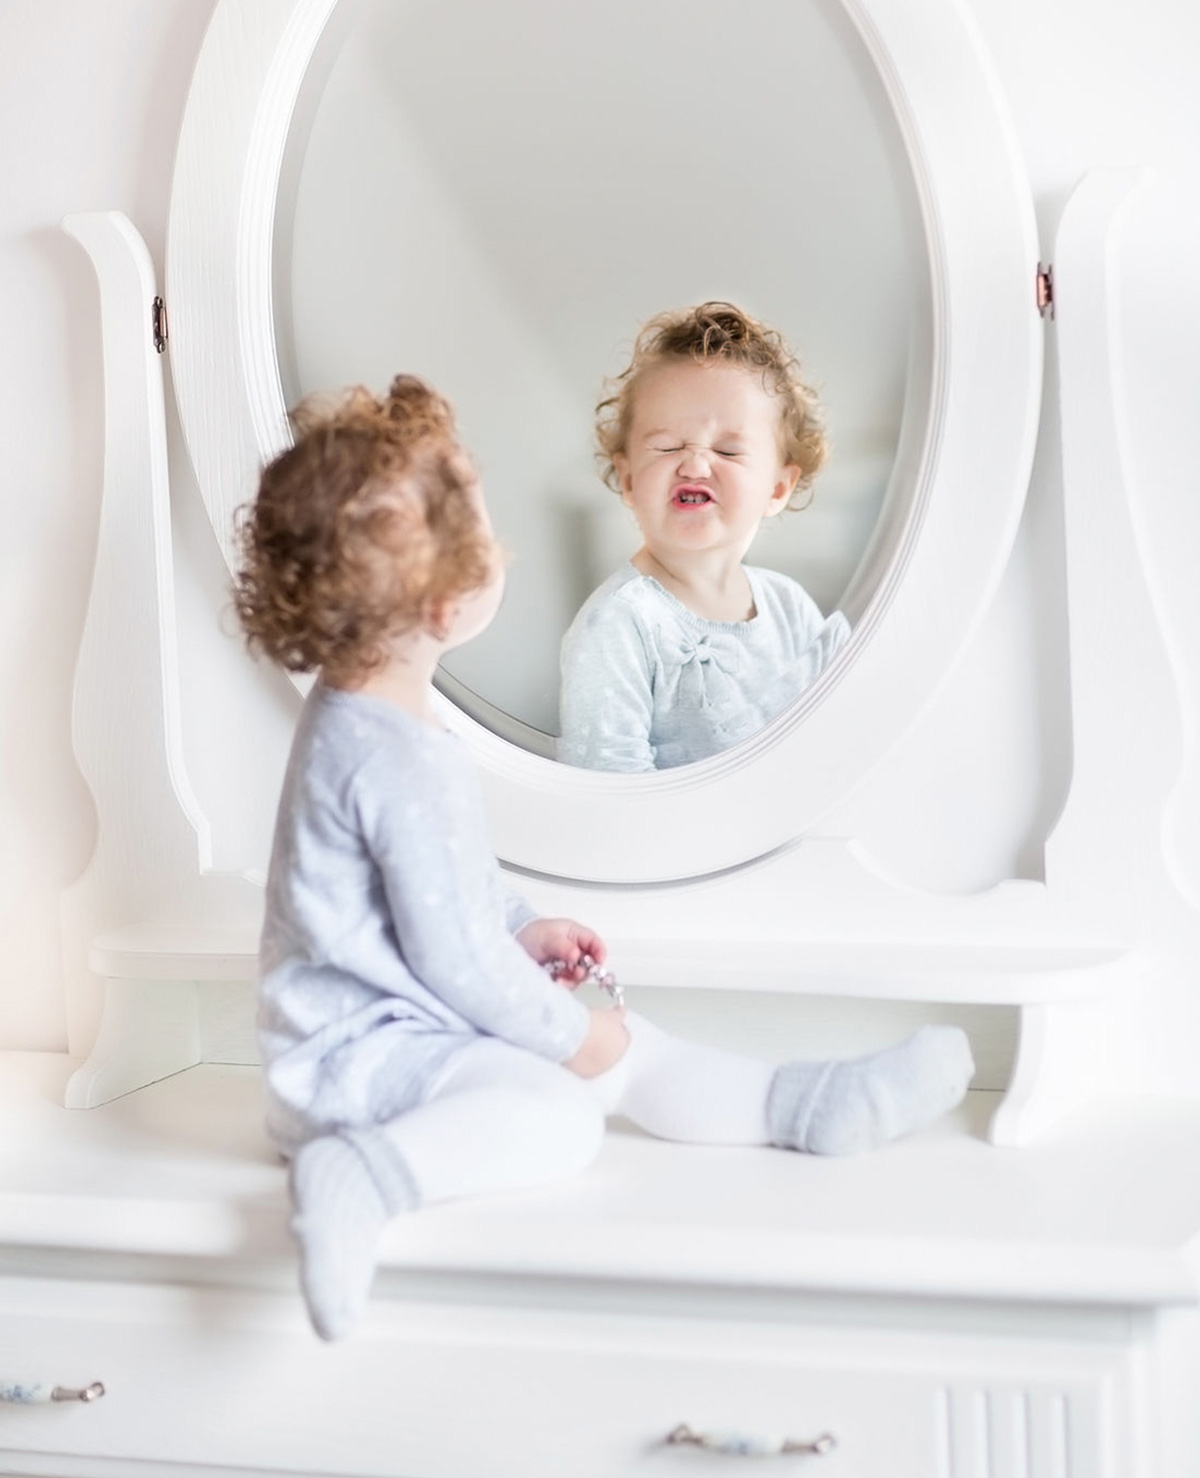 7 verrassende dingen die je ook kan doen met babyshampoo – behalve je haren wassen